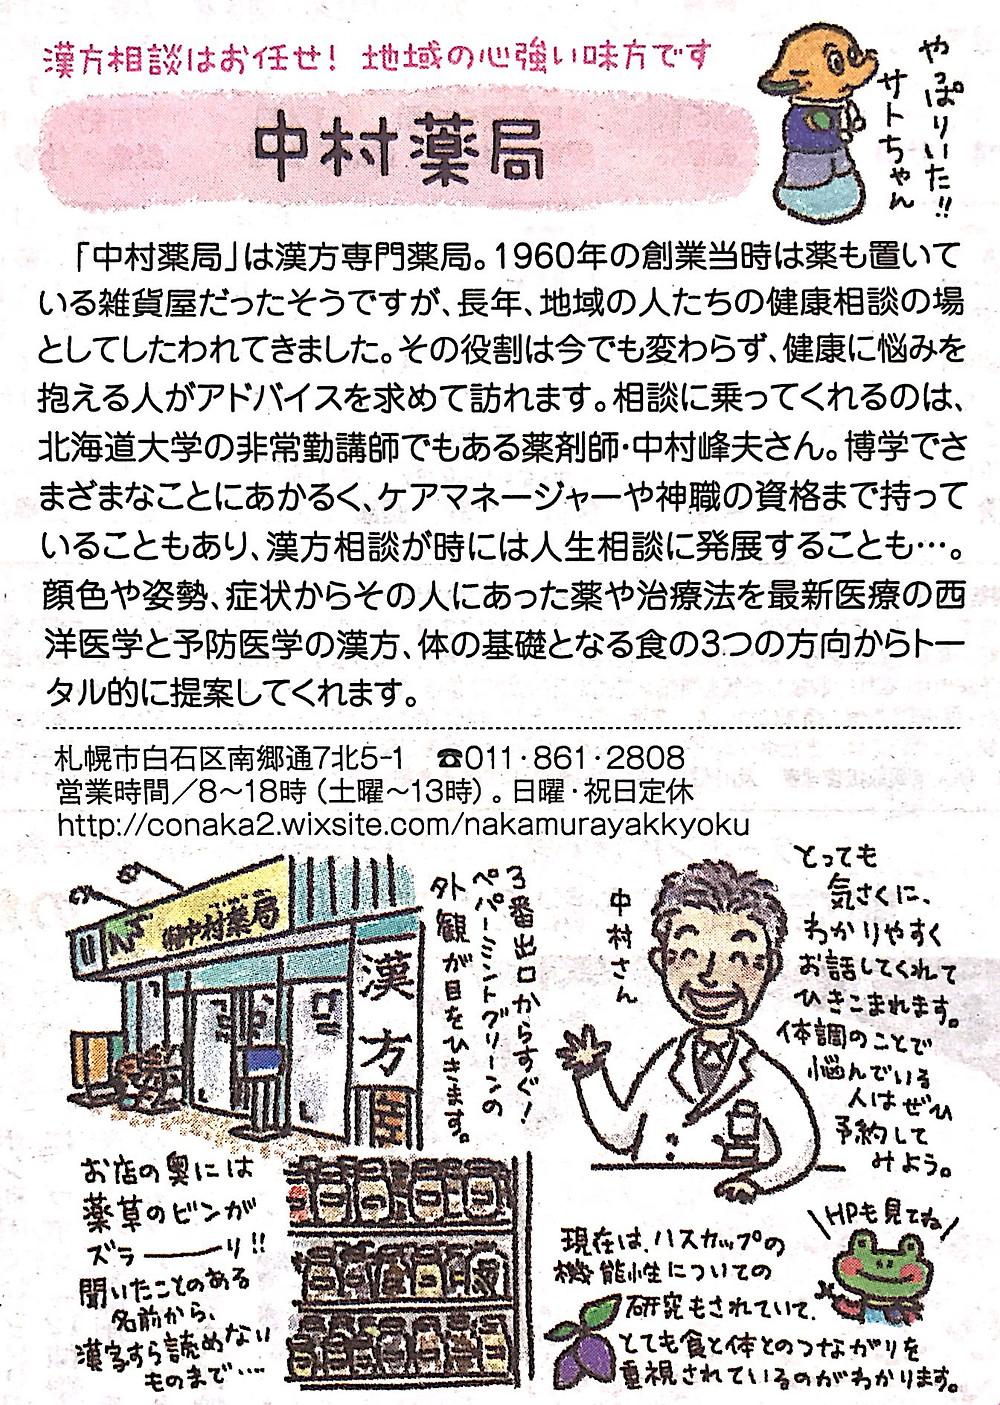 札幌 漢方 調剤薬局 相談薬局 老舗 歴史